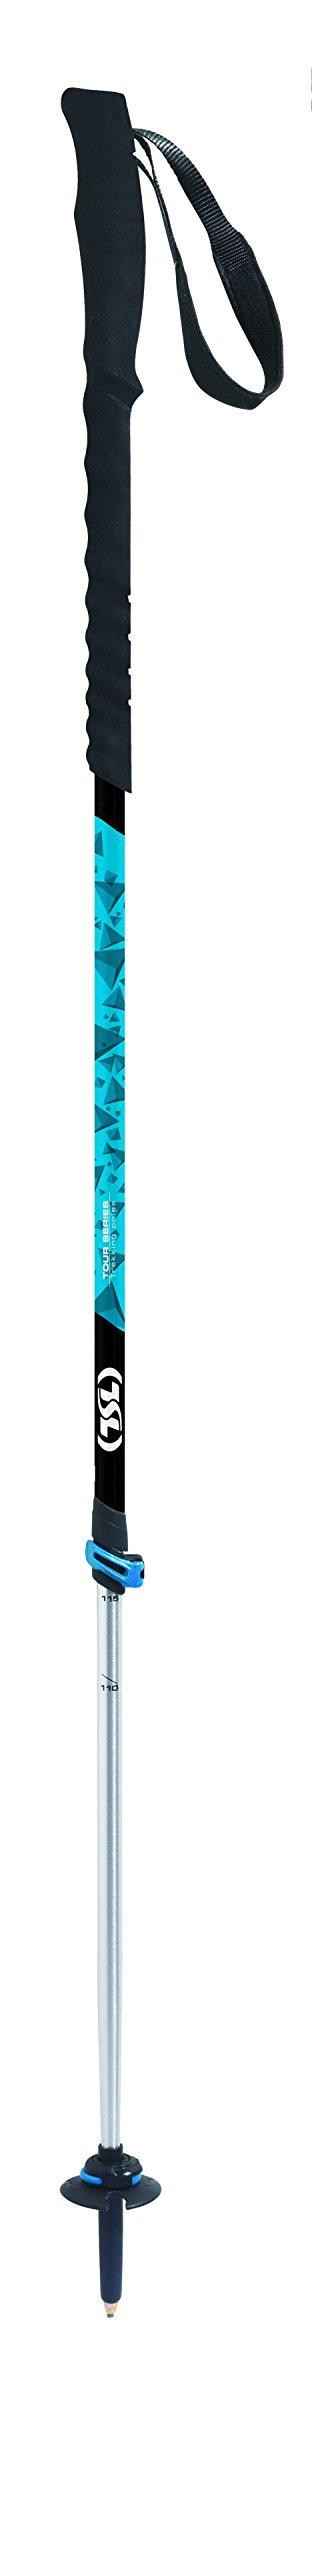 TSL Snowshoes Tour Traverse 2 Part Trekking Poles, Blue & Black, 34 To 55''